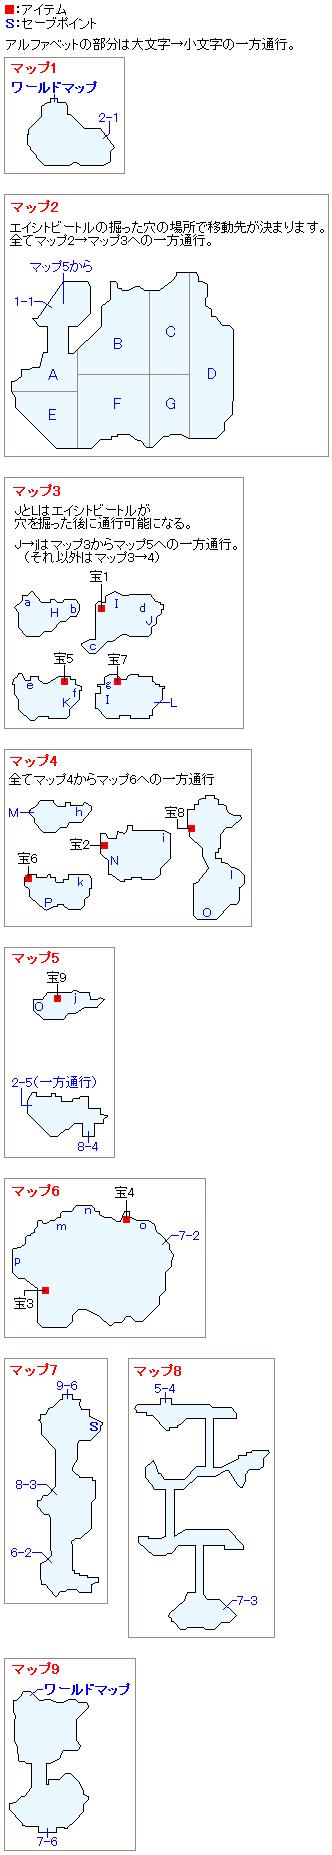 恐竜人アジトのマップ画像